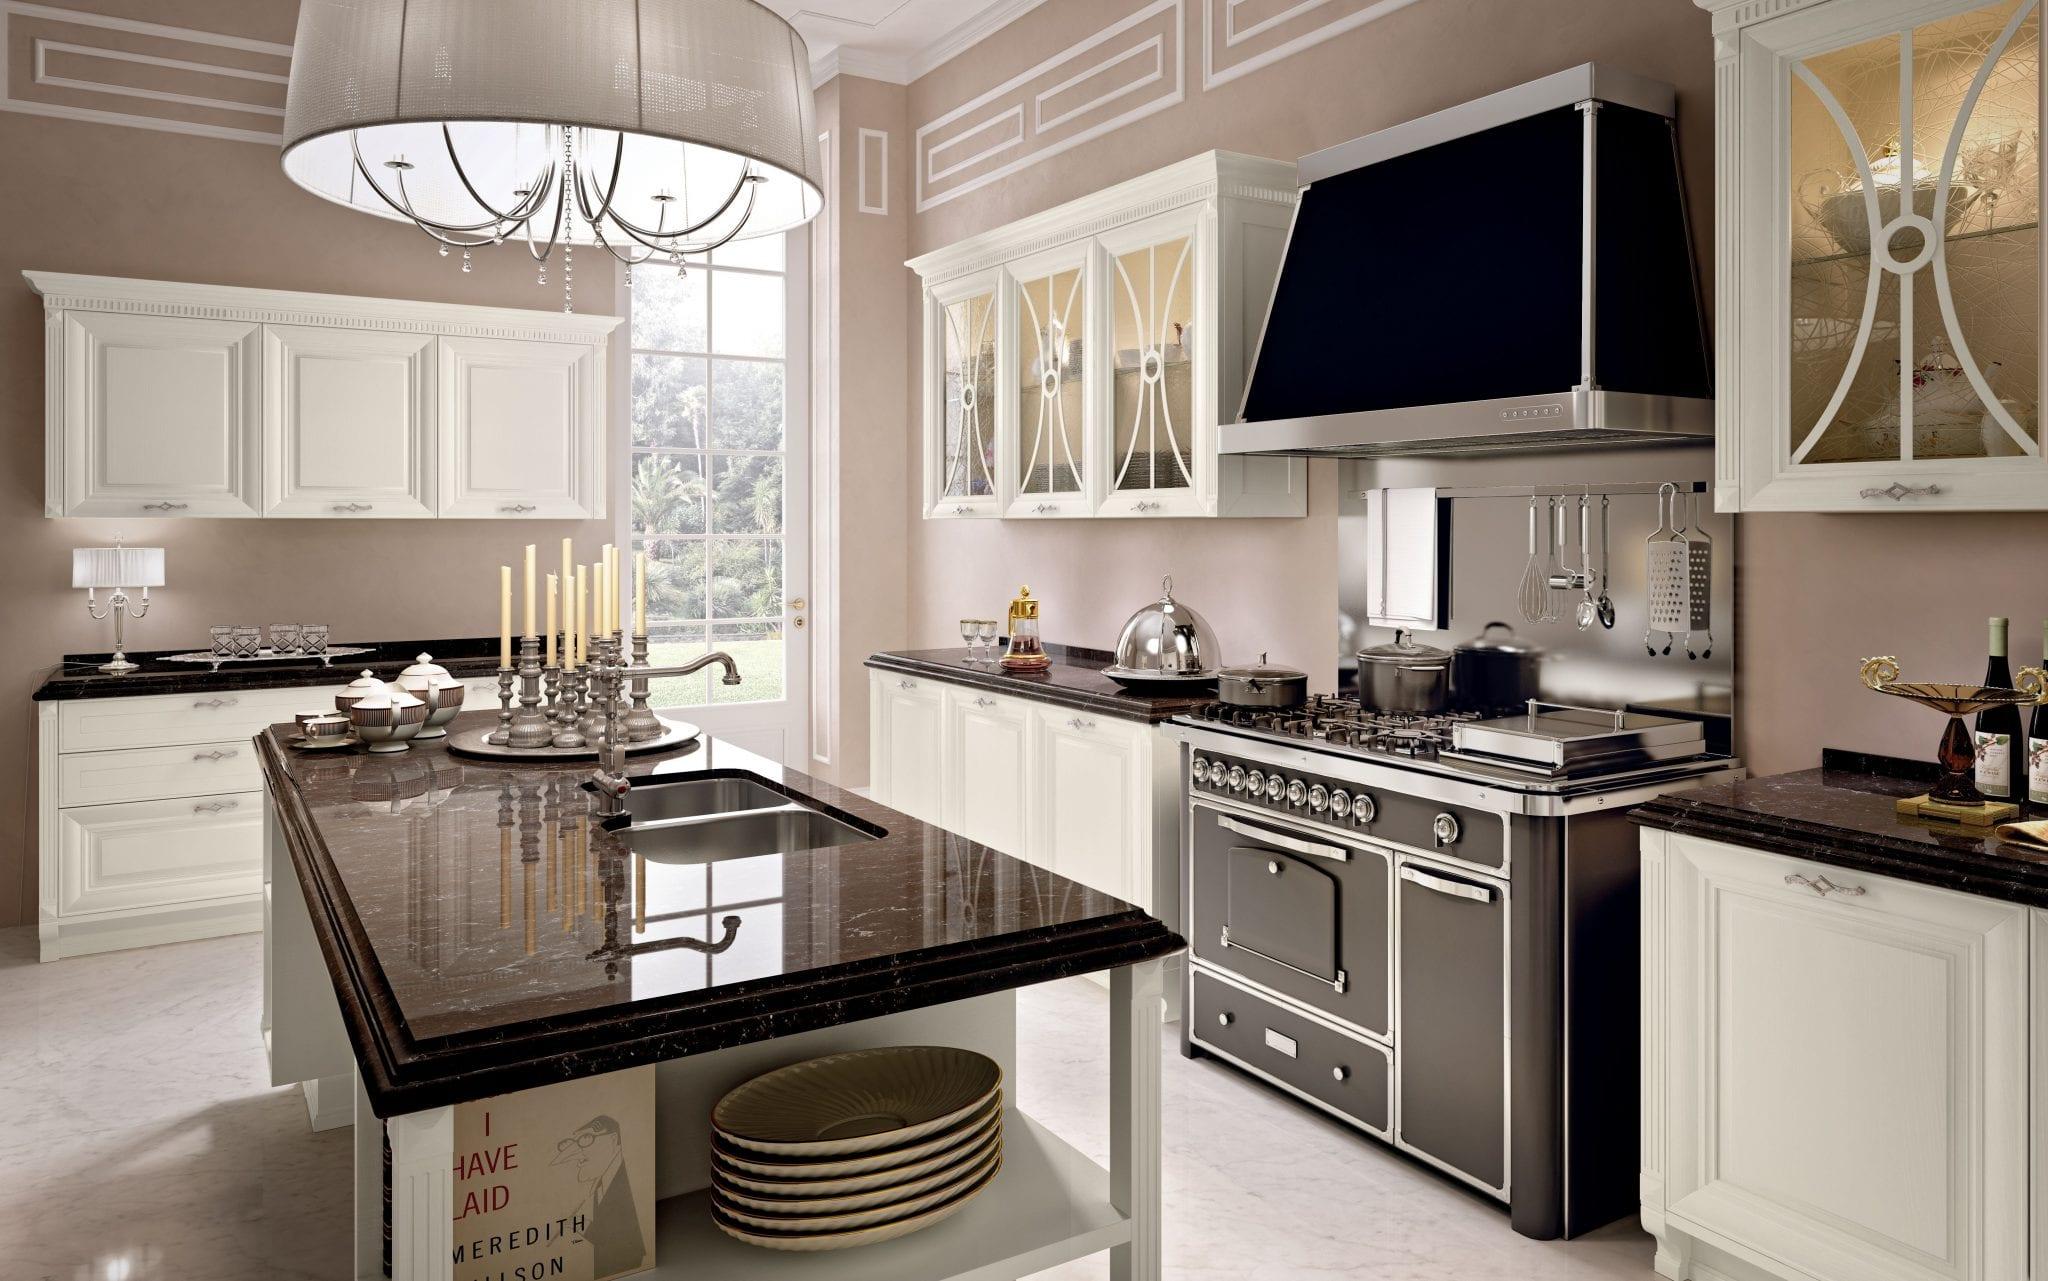 Cucina Lube Pantheon Prezzo - Idee Per La Casa - Douglasfalls.com